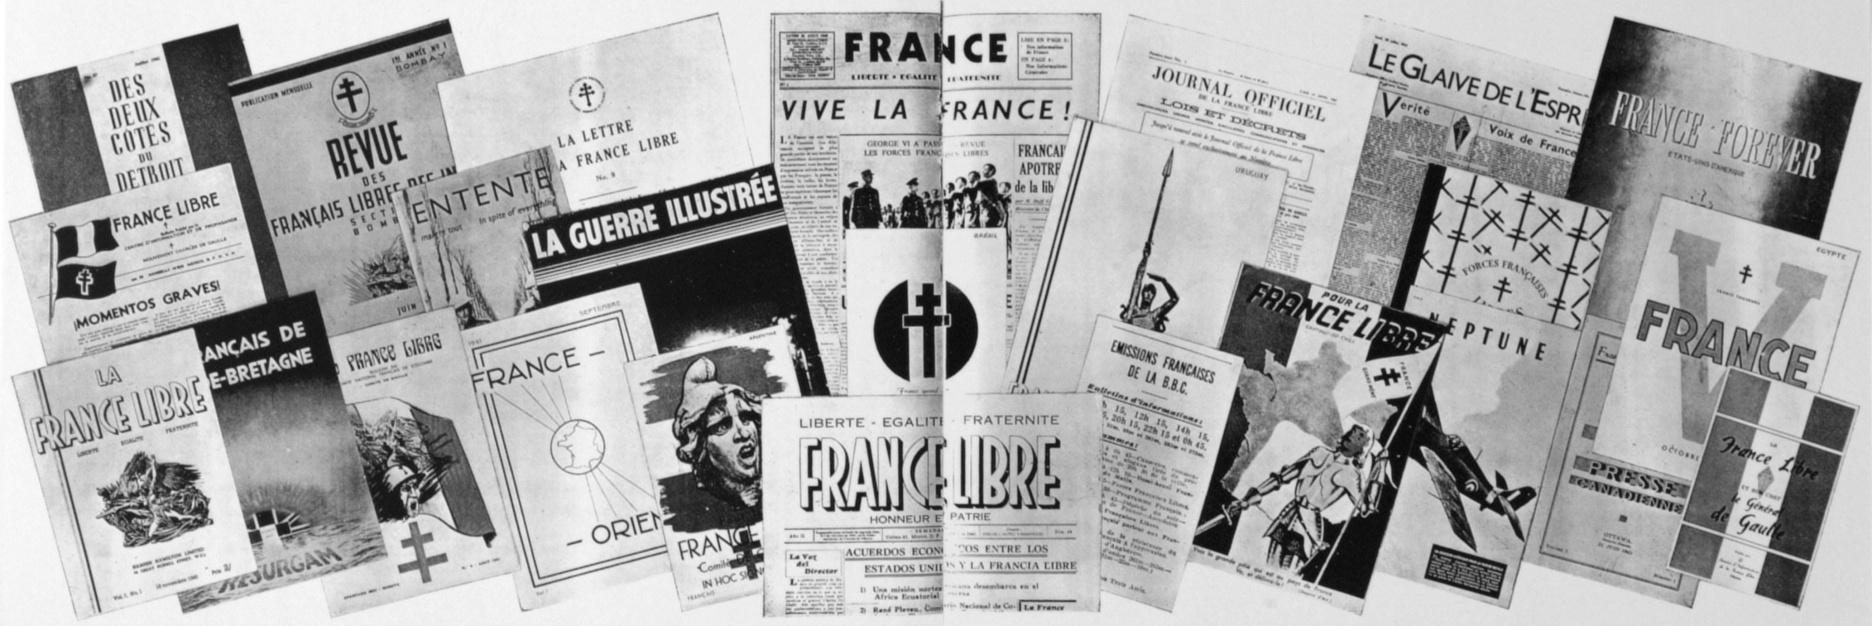 La France n'a pas cessé de s'exprimer dans le monde